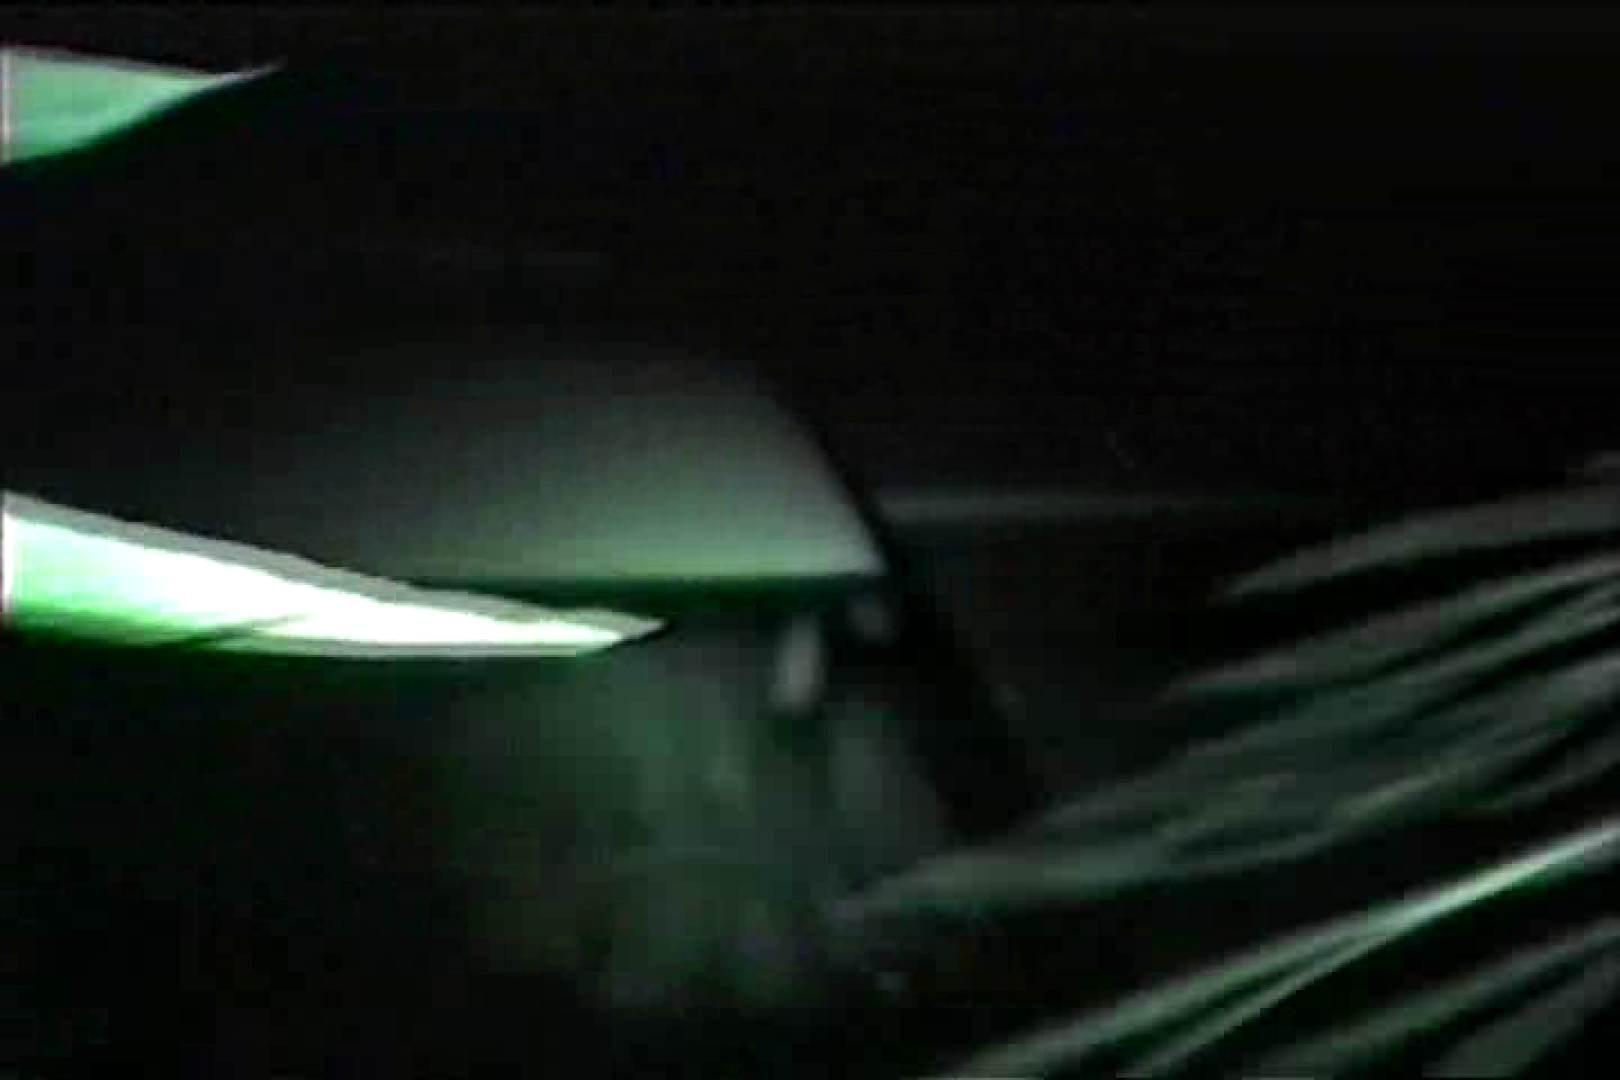 車の中はラブホテル 無修正版  Vol.7 カーセックス 覗きおまんこ画像 60連発 54